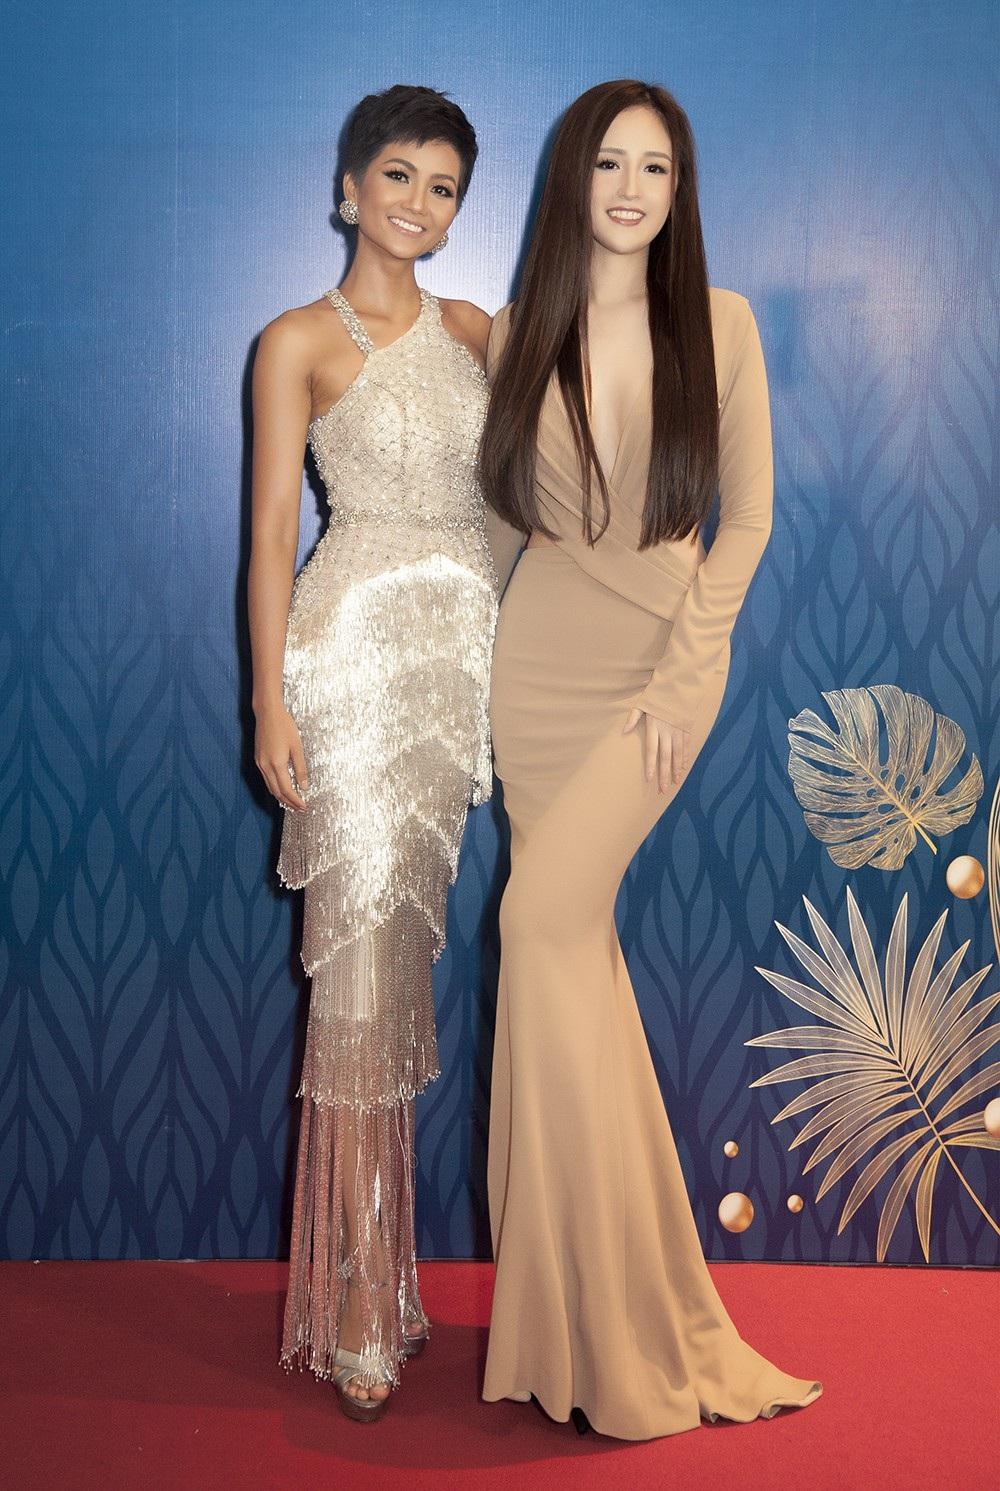 Hoa hậu Mai Phương Thúy thu hút với trang phục cực kỳ táo bạo - Ảnh 1.